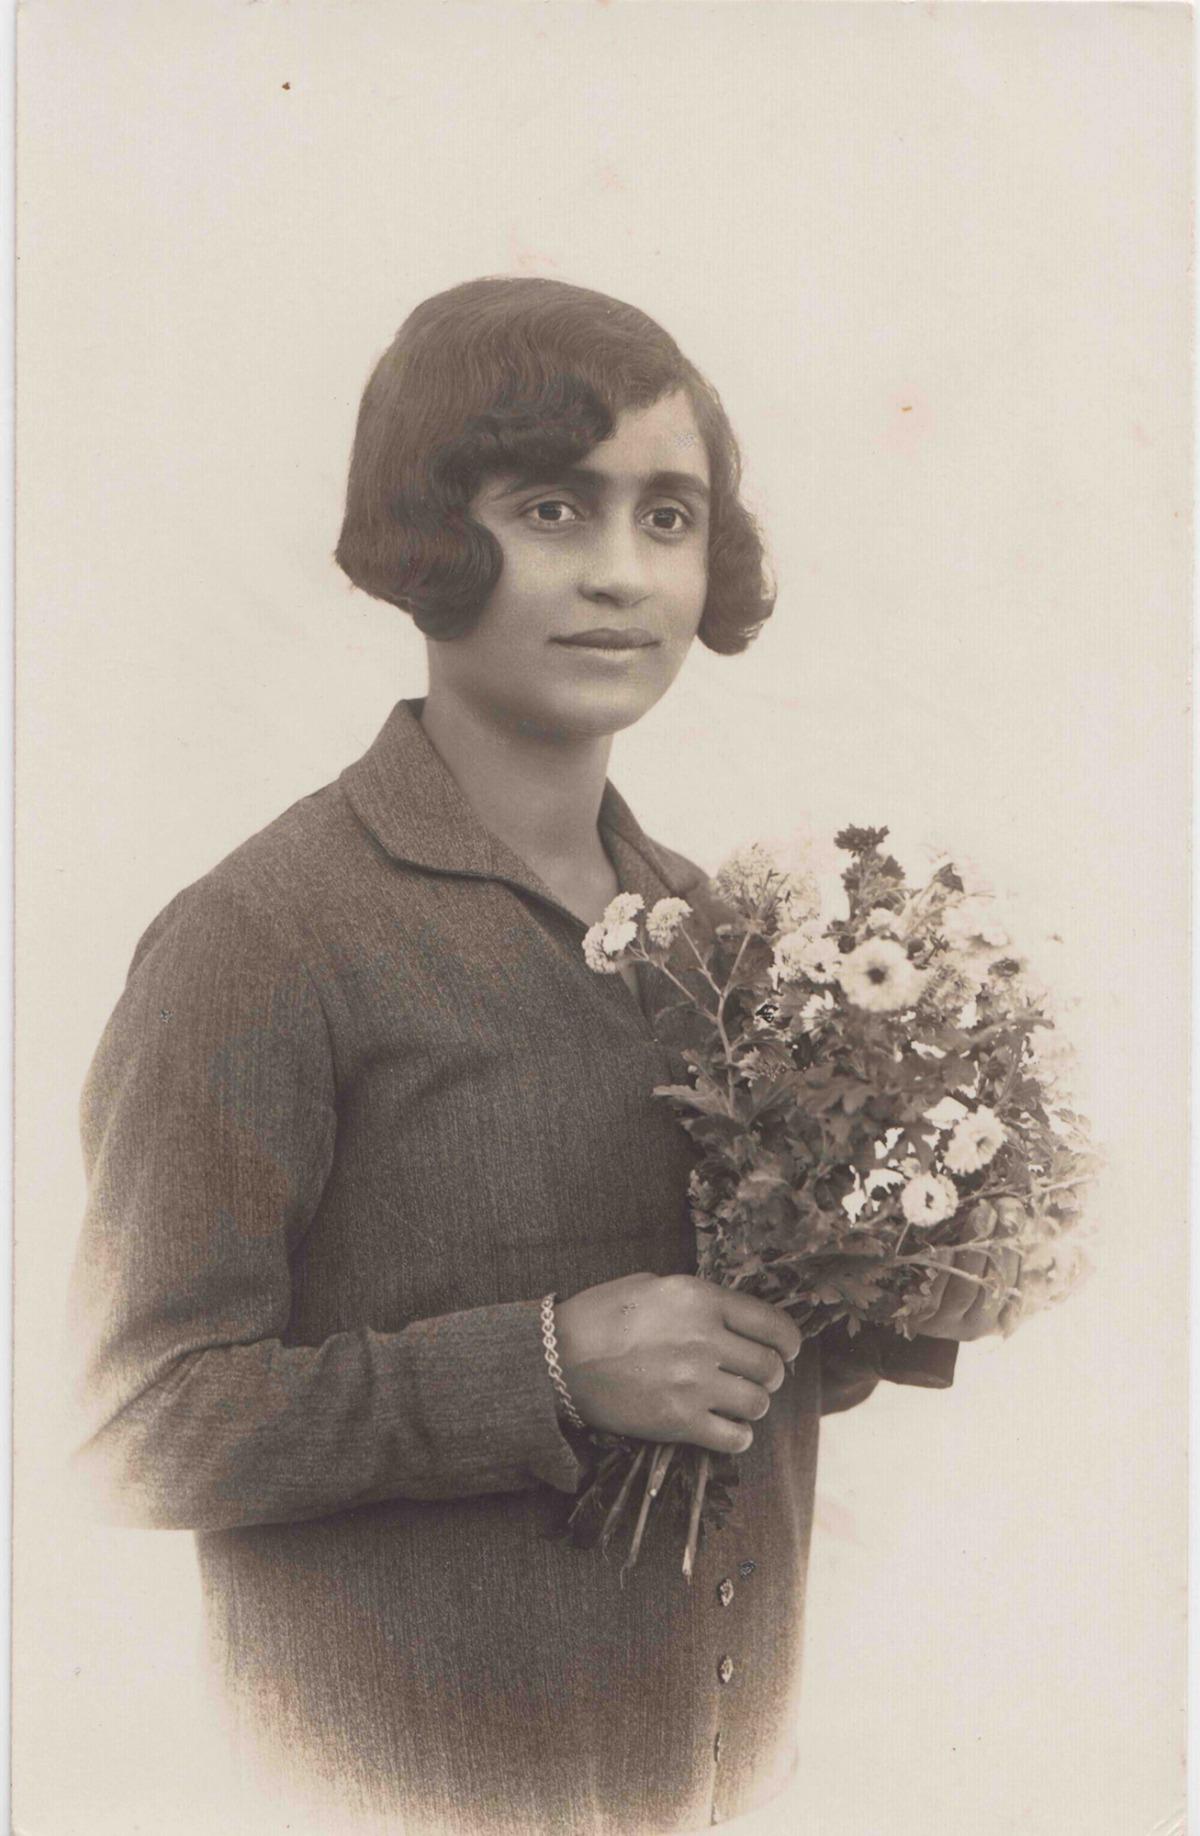 כרימה עבוד, תצלום של נערה, מתוך האוסף הפרטי של עיסאם נאסר, מתנה מאת אחמד מורוואט, ארכיון נצרת. באדיבות עיסאם נאסר